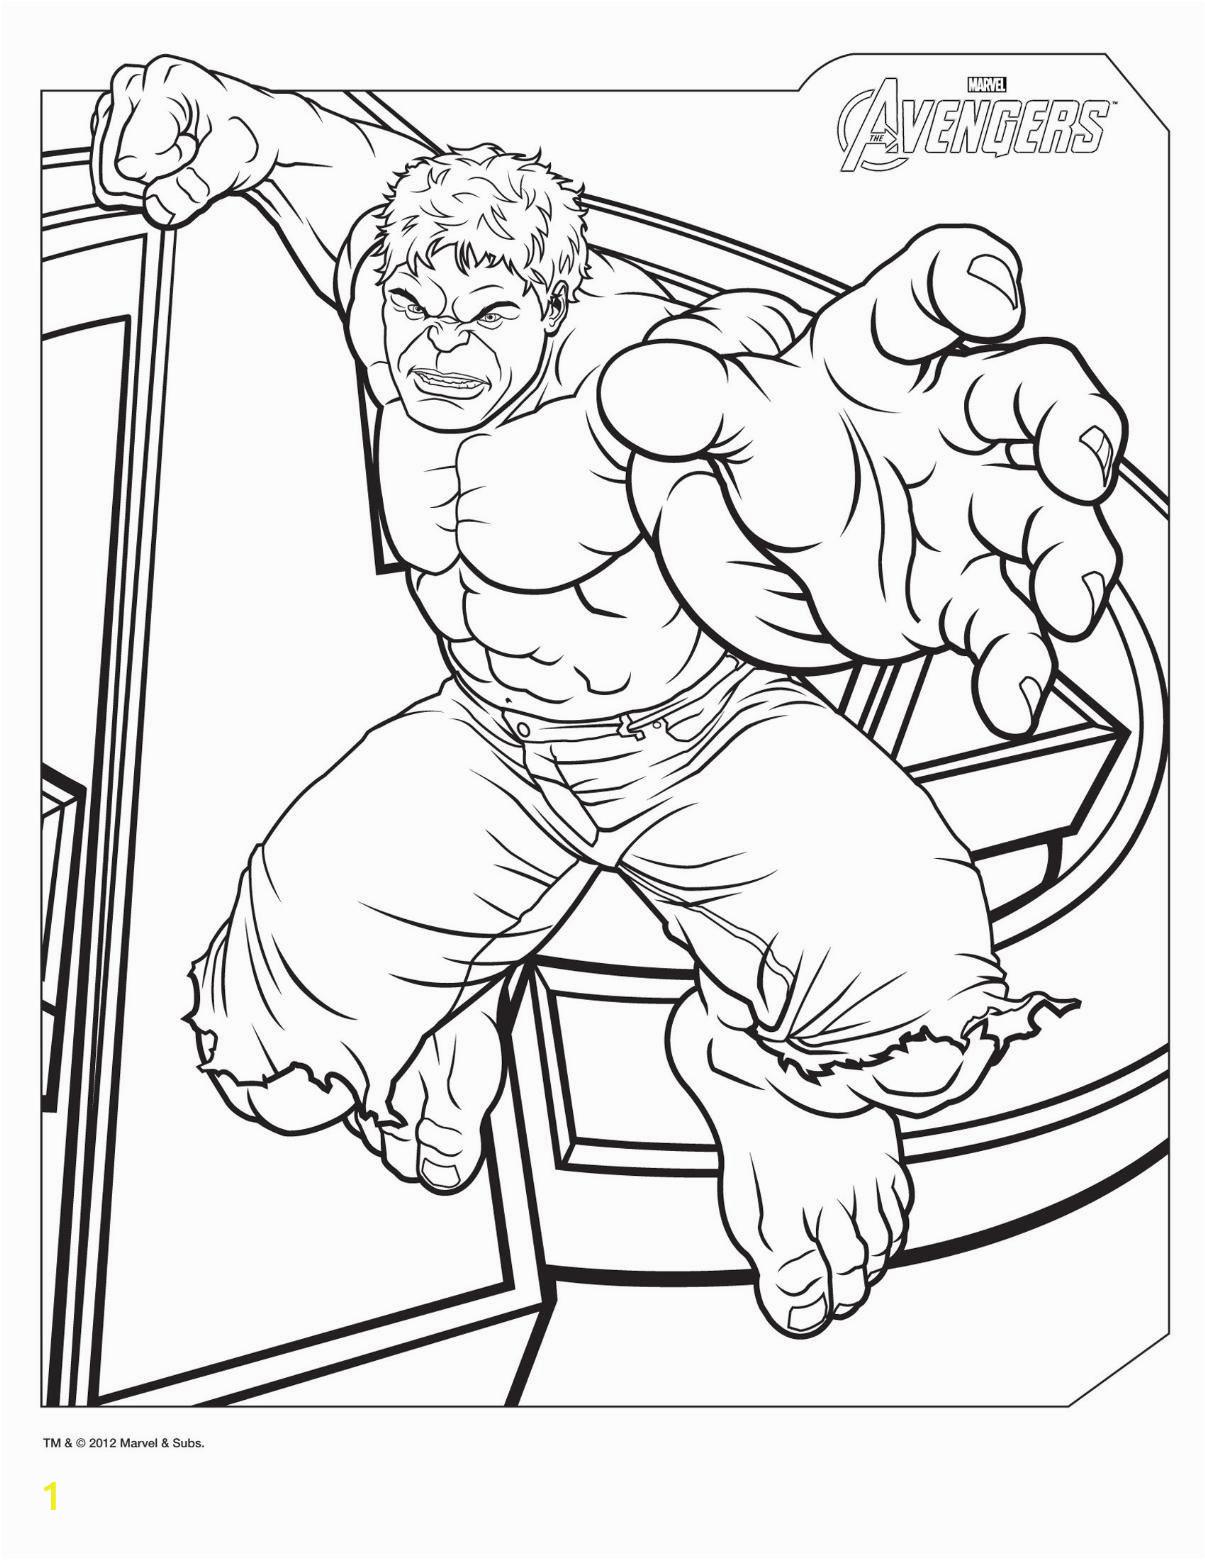 Free Printable Hulk Coloring Sheets Free Printable Hulk Coloring Pages for Kids with Images